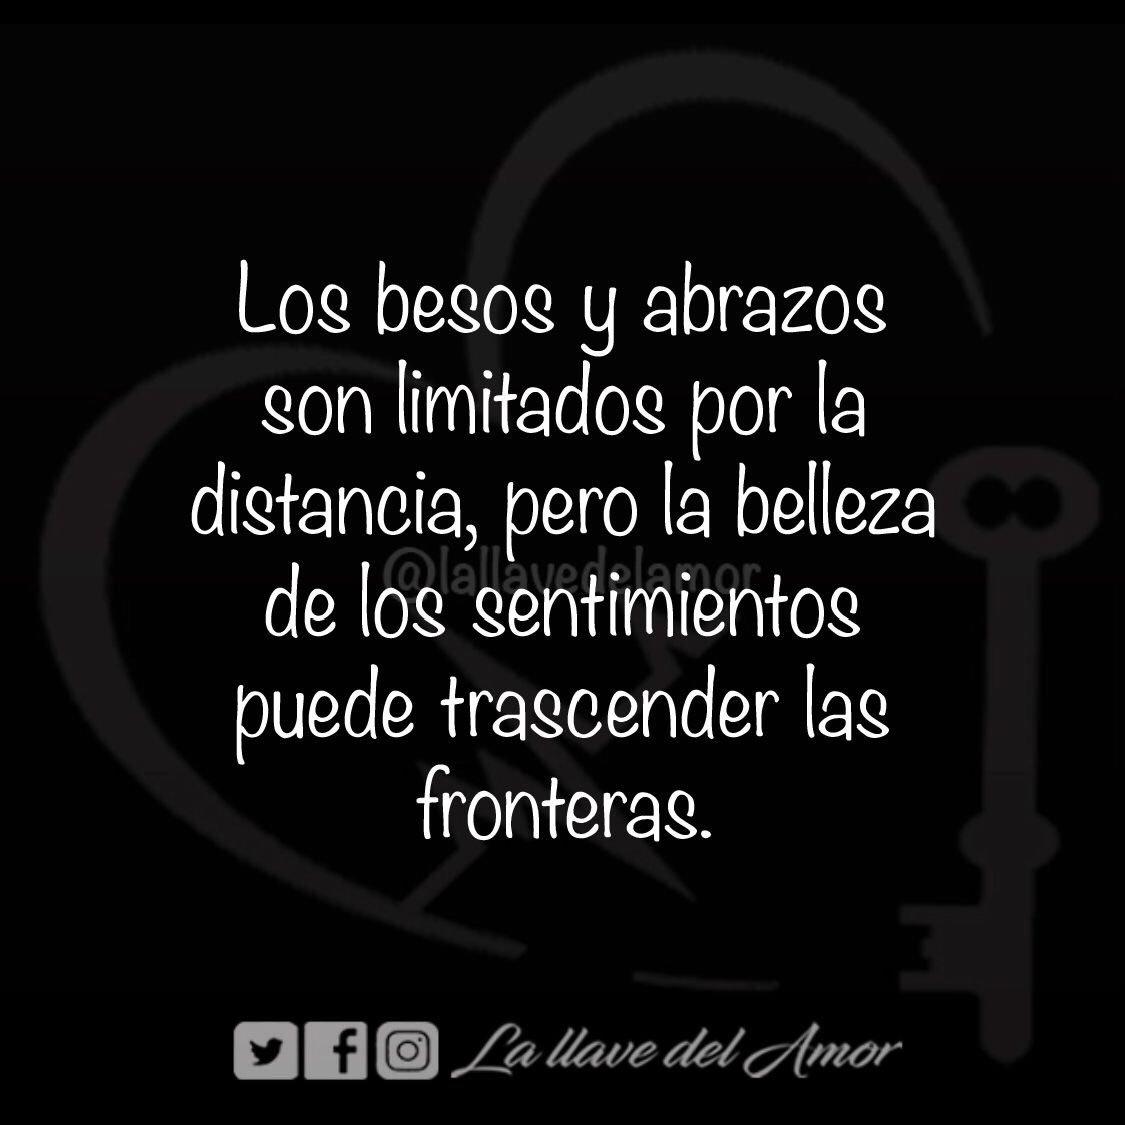 La Llave Del Amor On Twitter Los Besos Y Abrazos Son Limitados Por